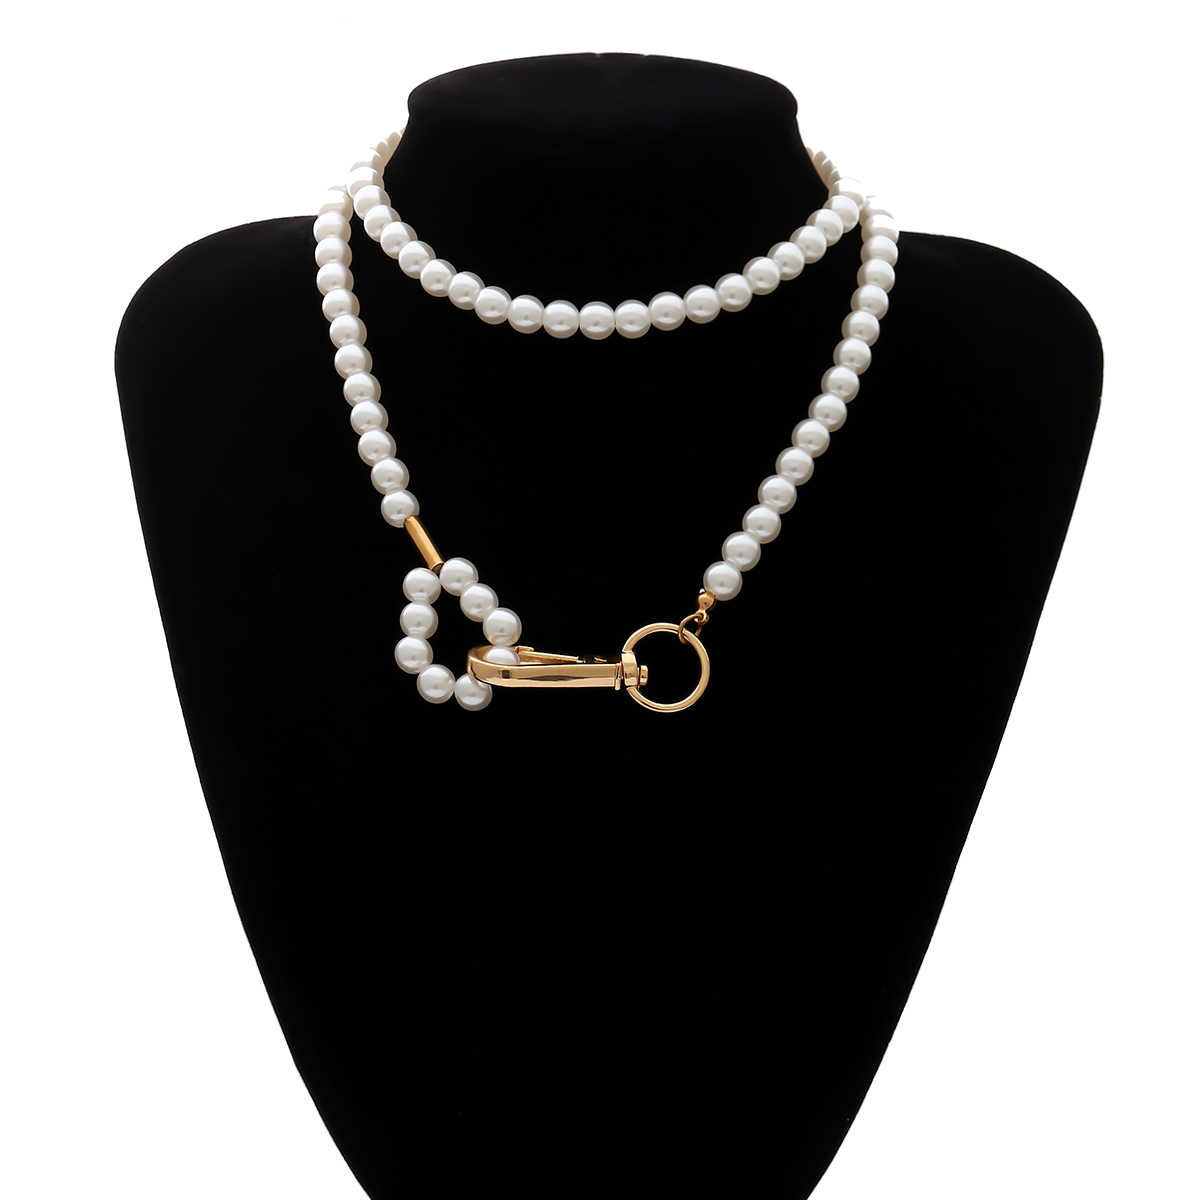 เกาหลี Gothic Baroque Pearl ล็อคสร้อยคอสร้อยคอผู้หญิงงานแต่งงาน Punk GOLD Key Lasso จี้ Choker สร้อยคอเครื่องประดับคู่